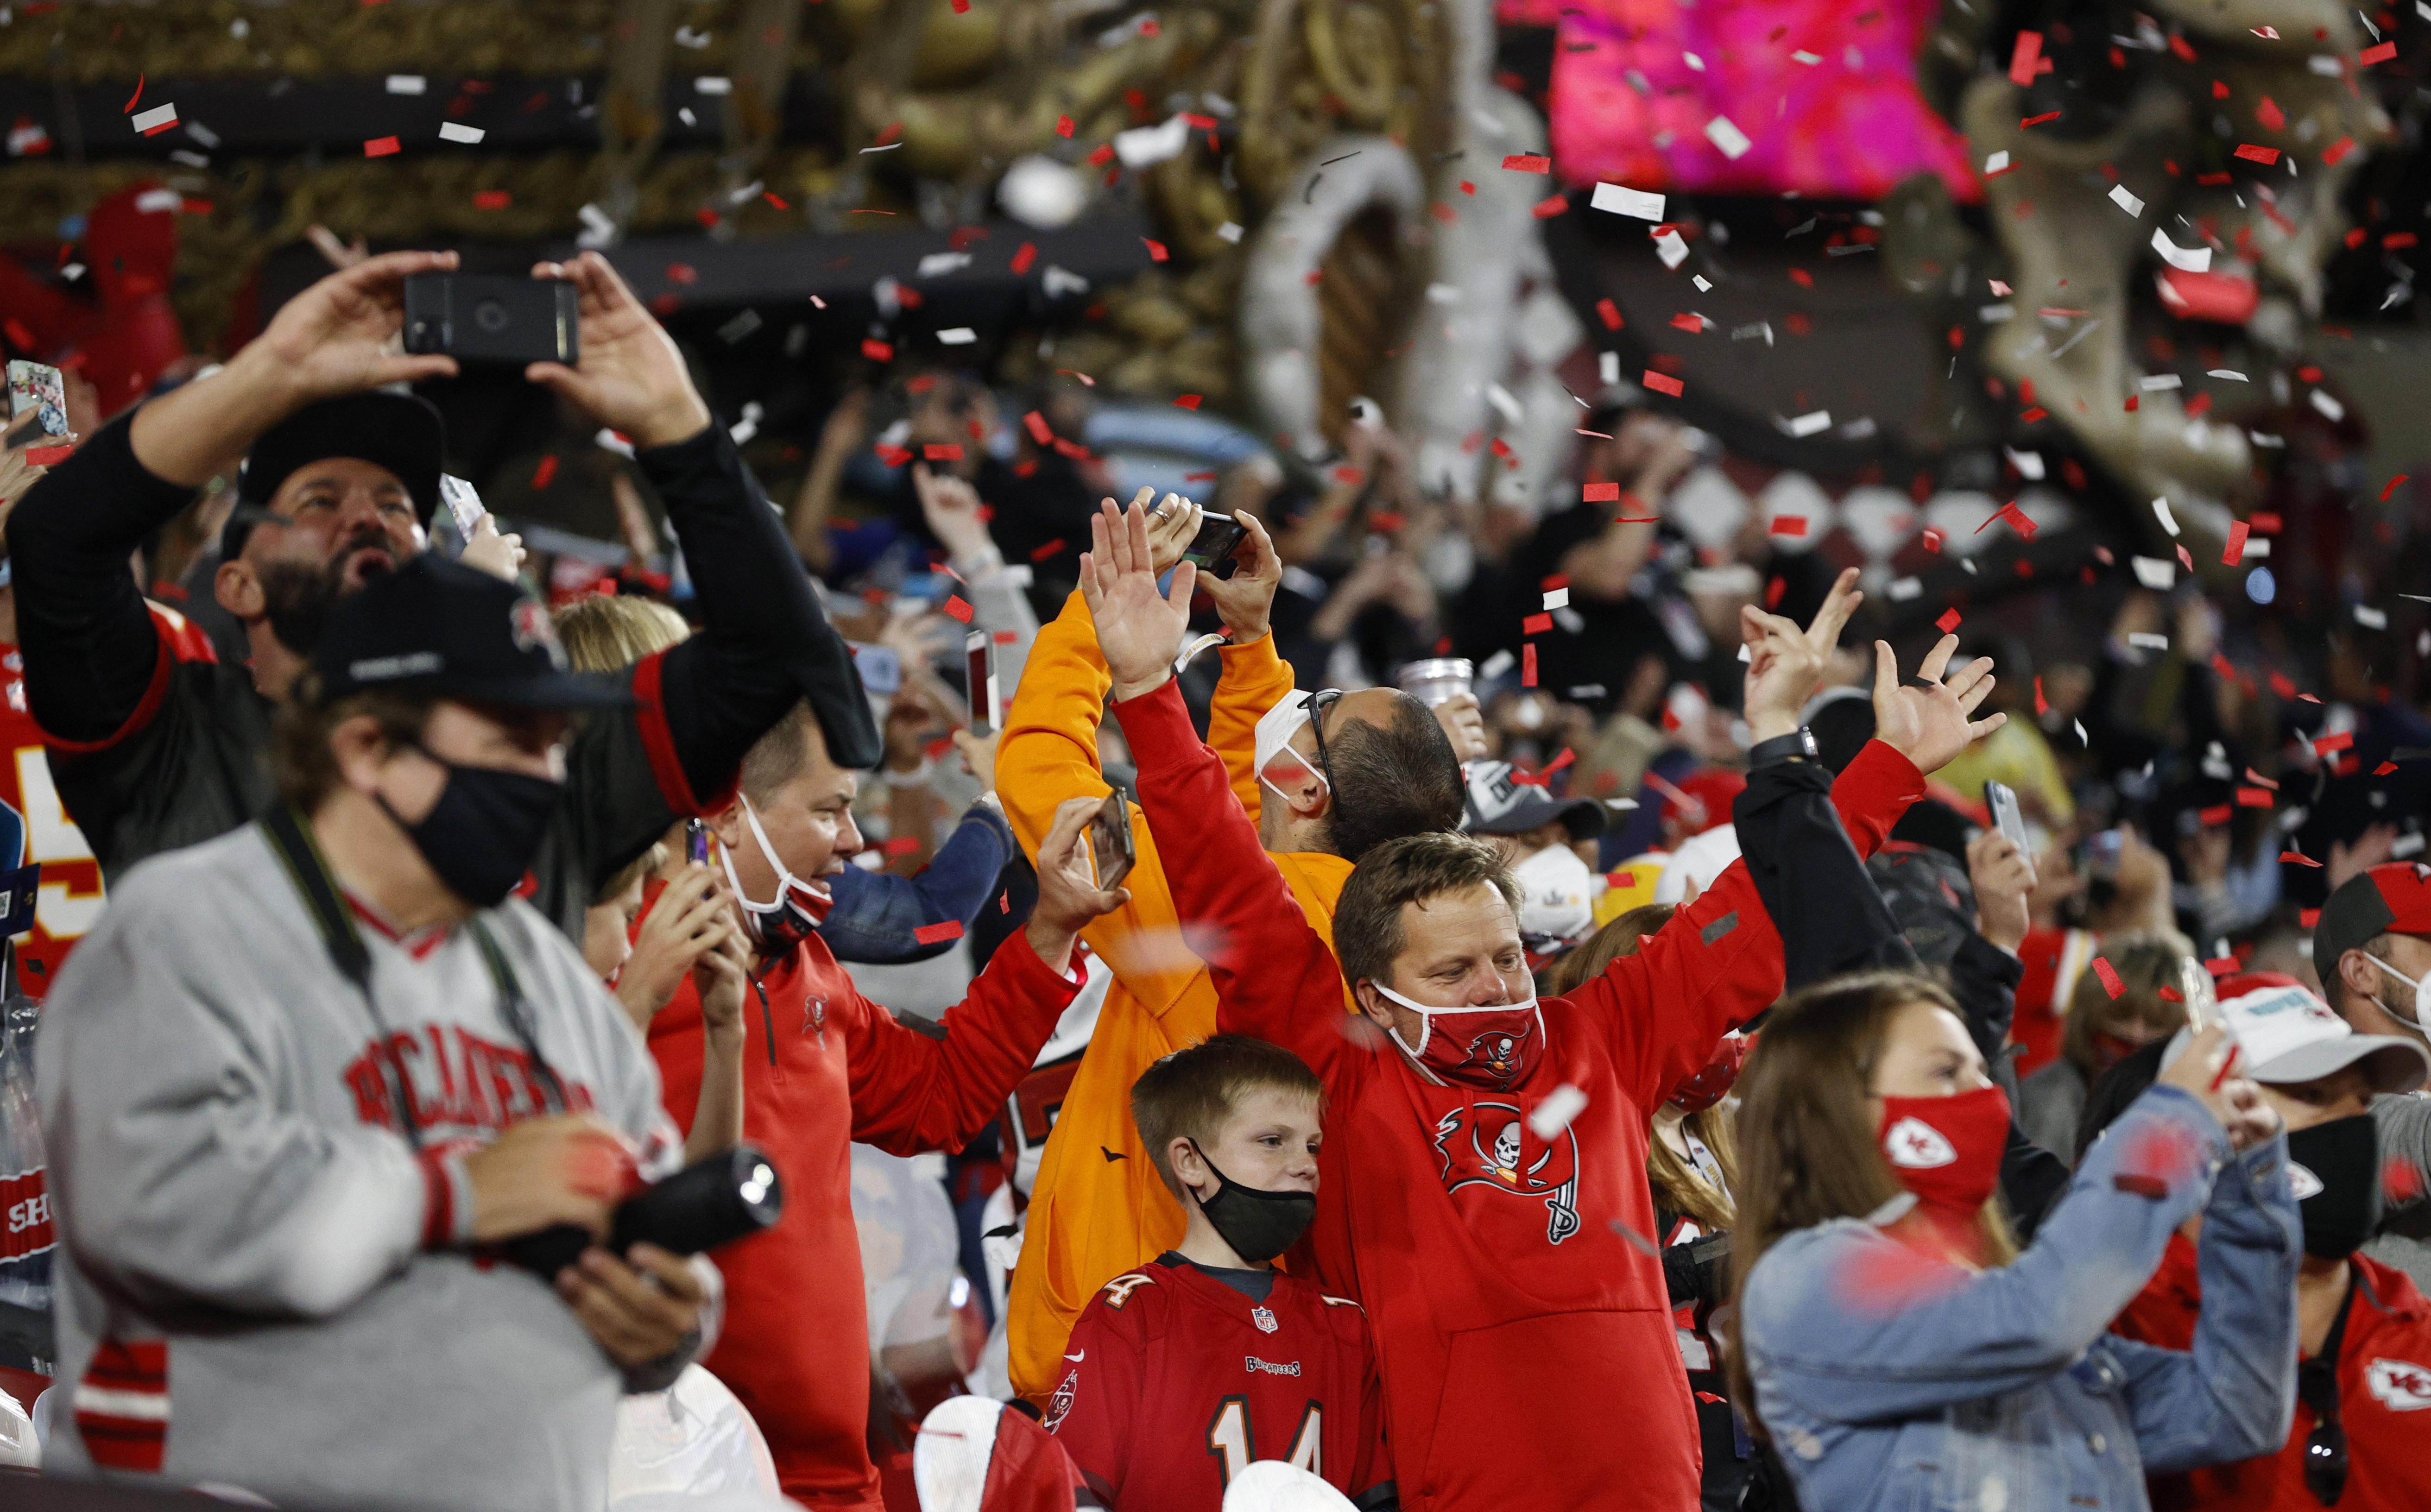 La emoción de los fans de Tampa